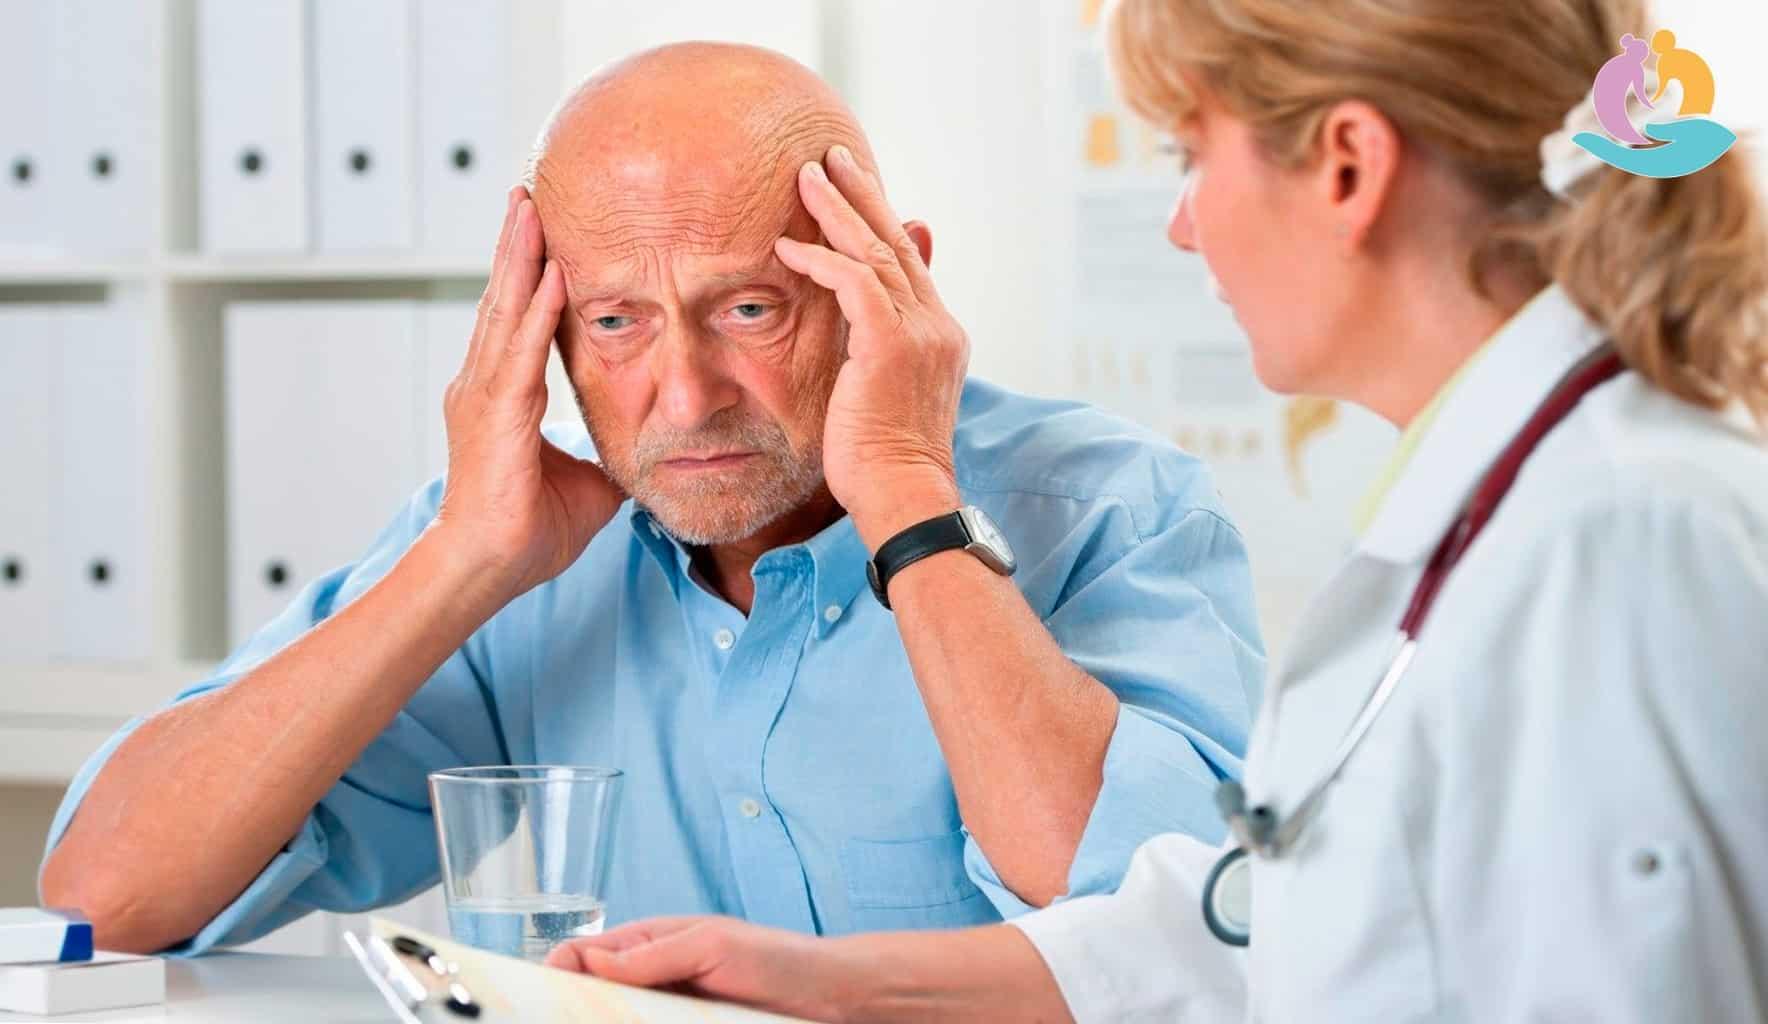 Излечима ли сосудистая деменция и сколько живут с таким диагнозом, продолжительность болезни, получение группы инвалидности, вероятность смерти